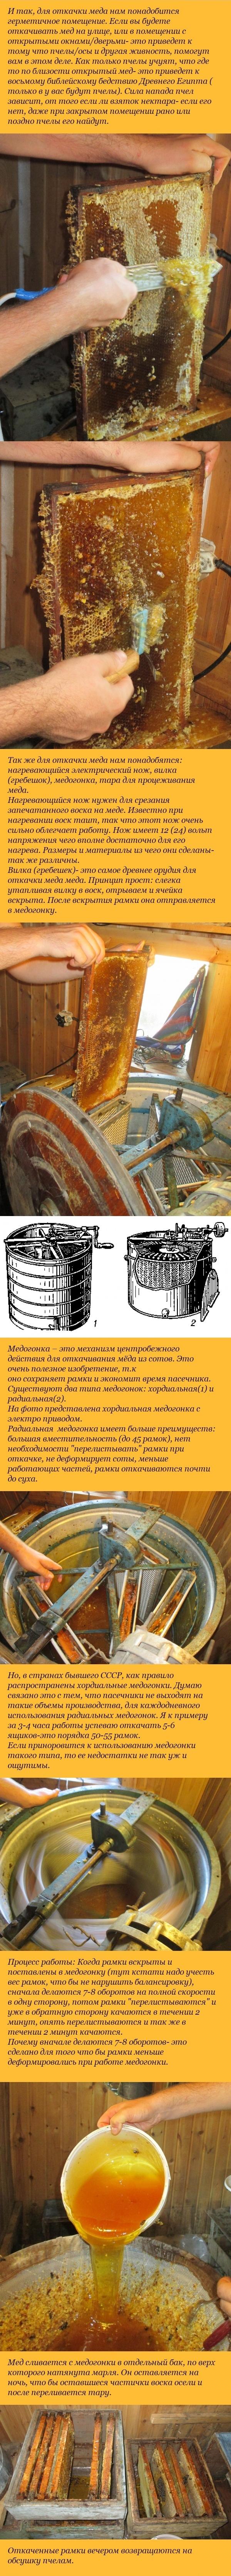 как откачивают мед из рамок